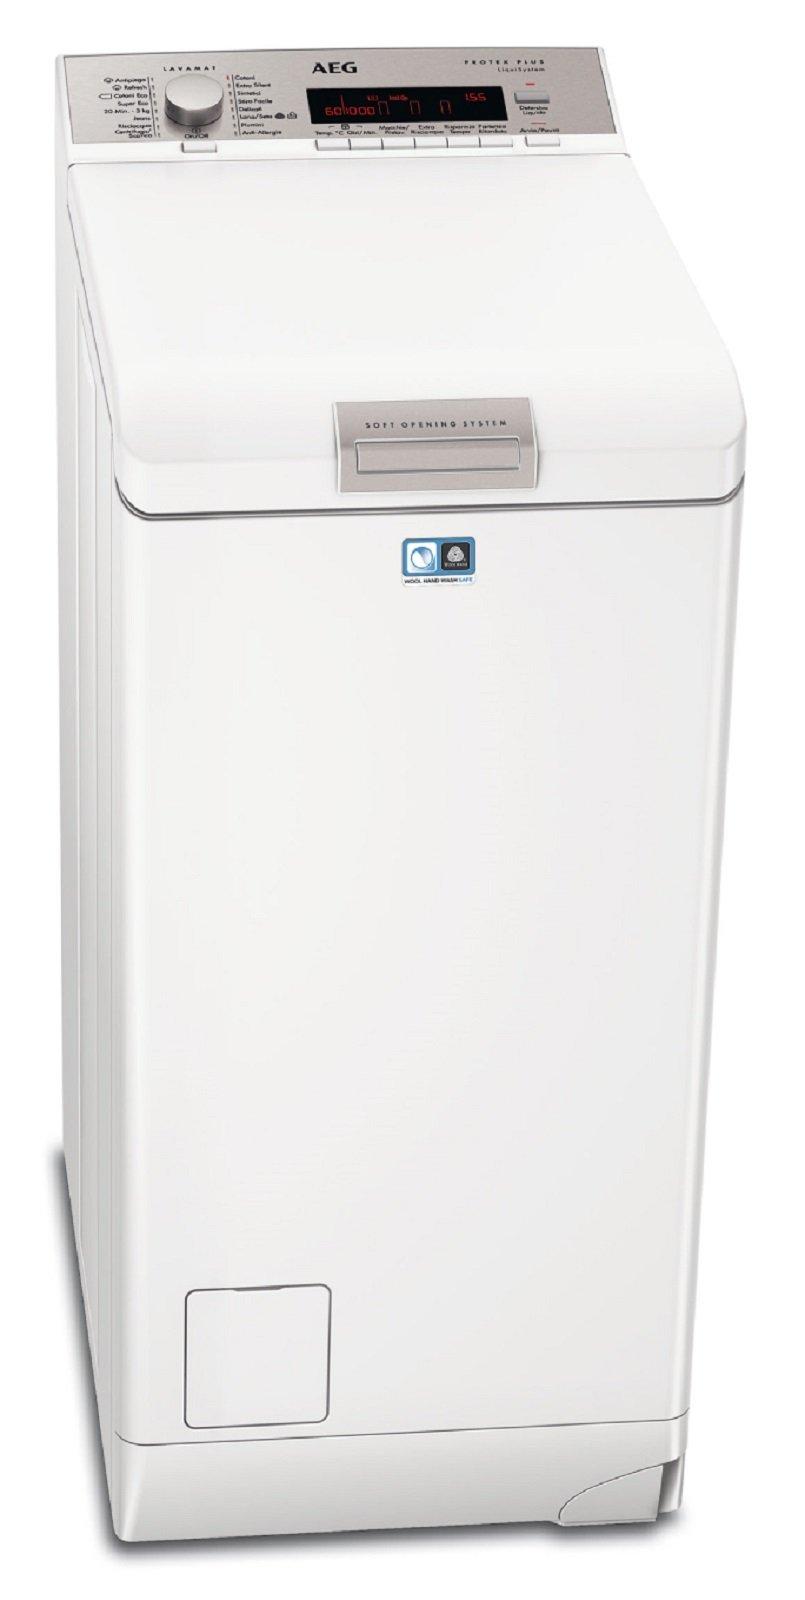 Profonde o larghe fino a 45 cm: le lavatrici salvaspazio